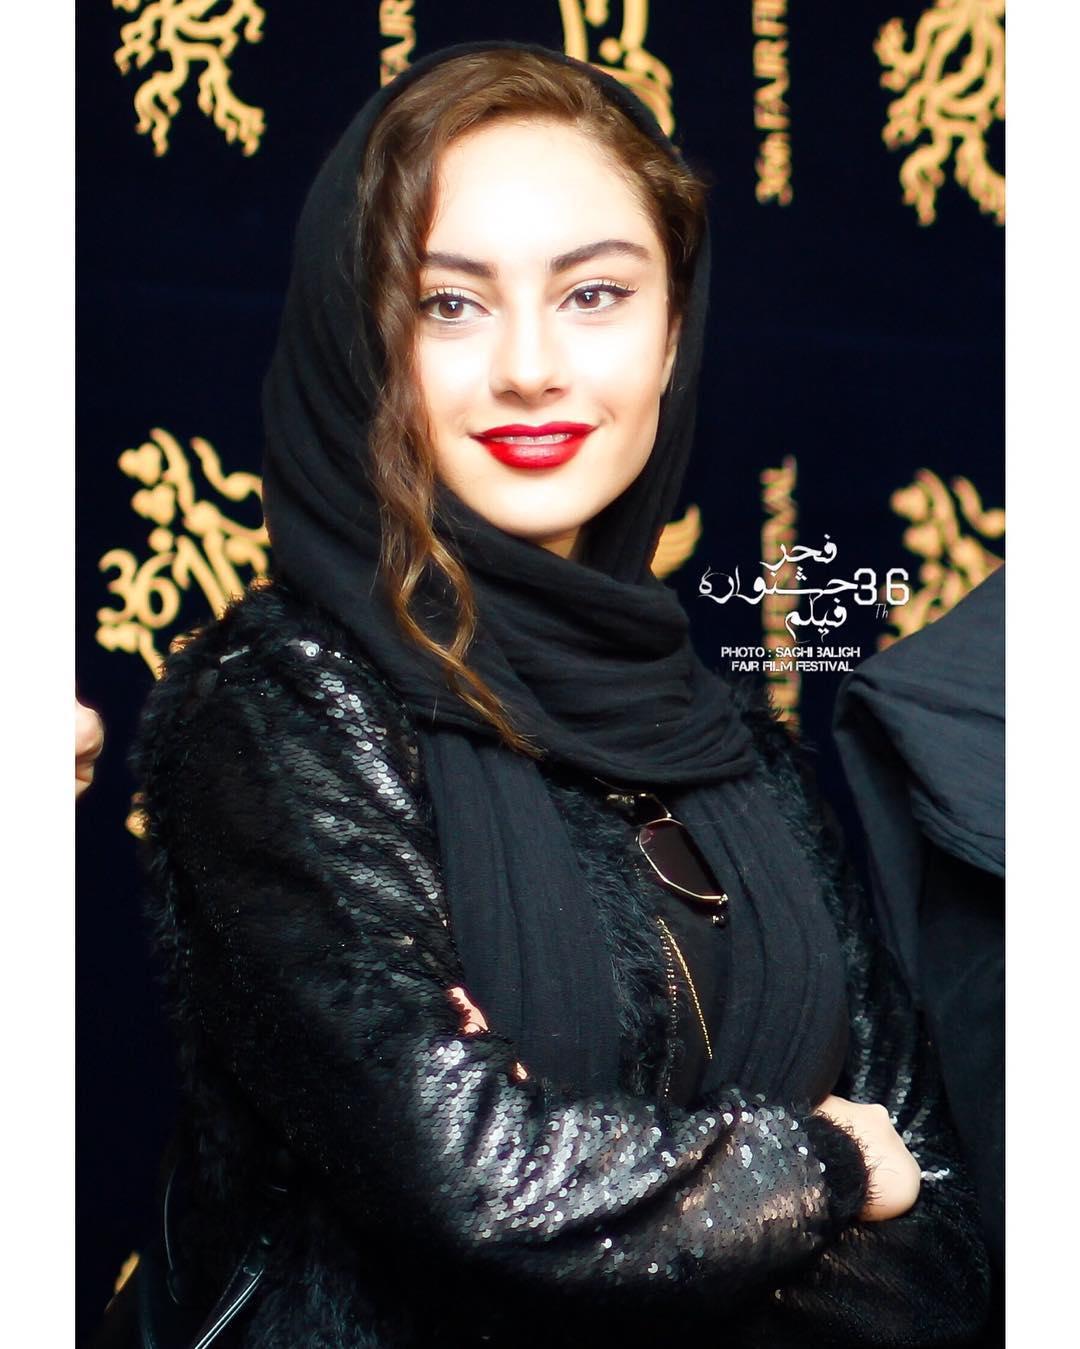 ترلان پروانه در 36 جشنواره فیلم فجر